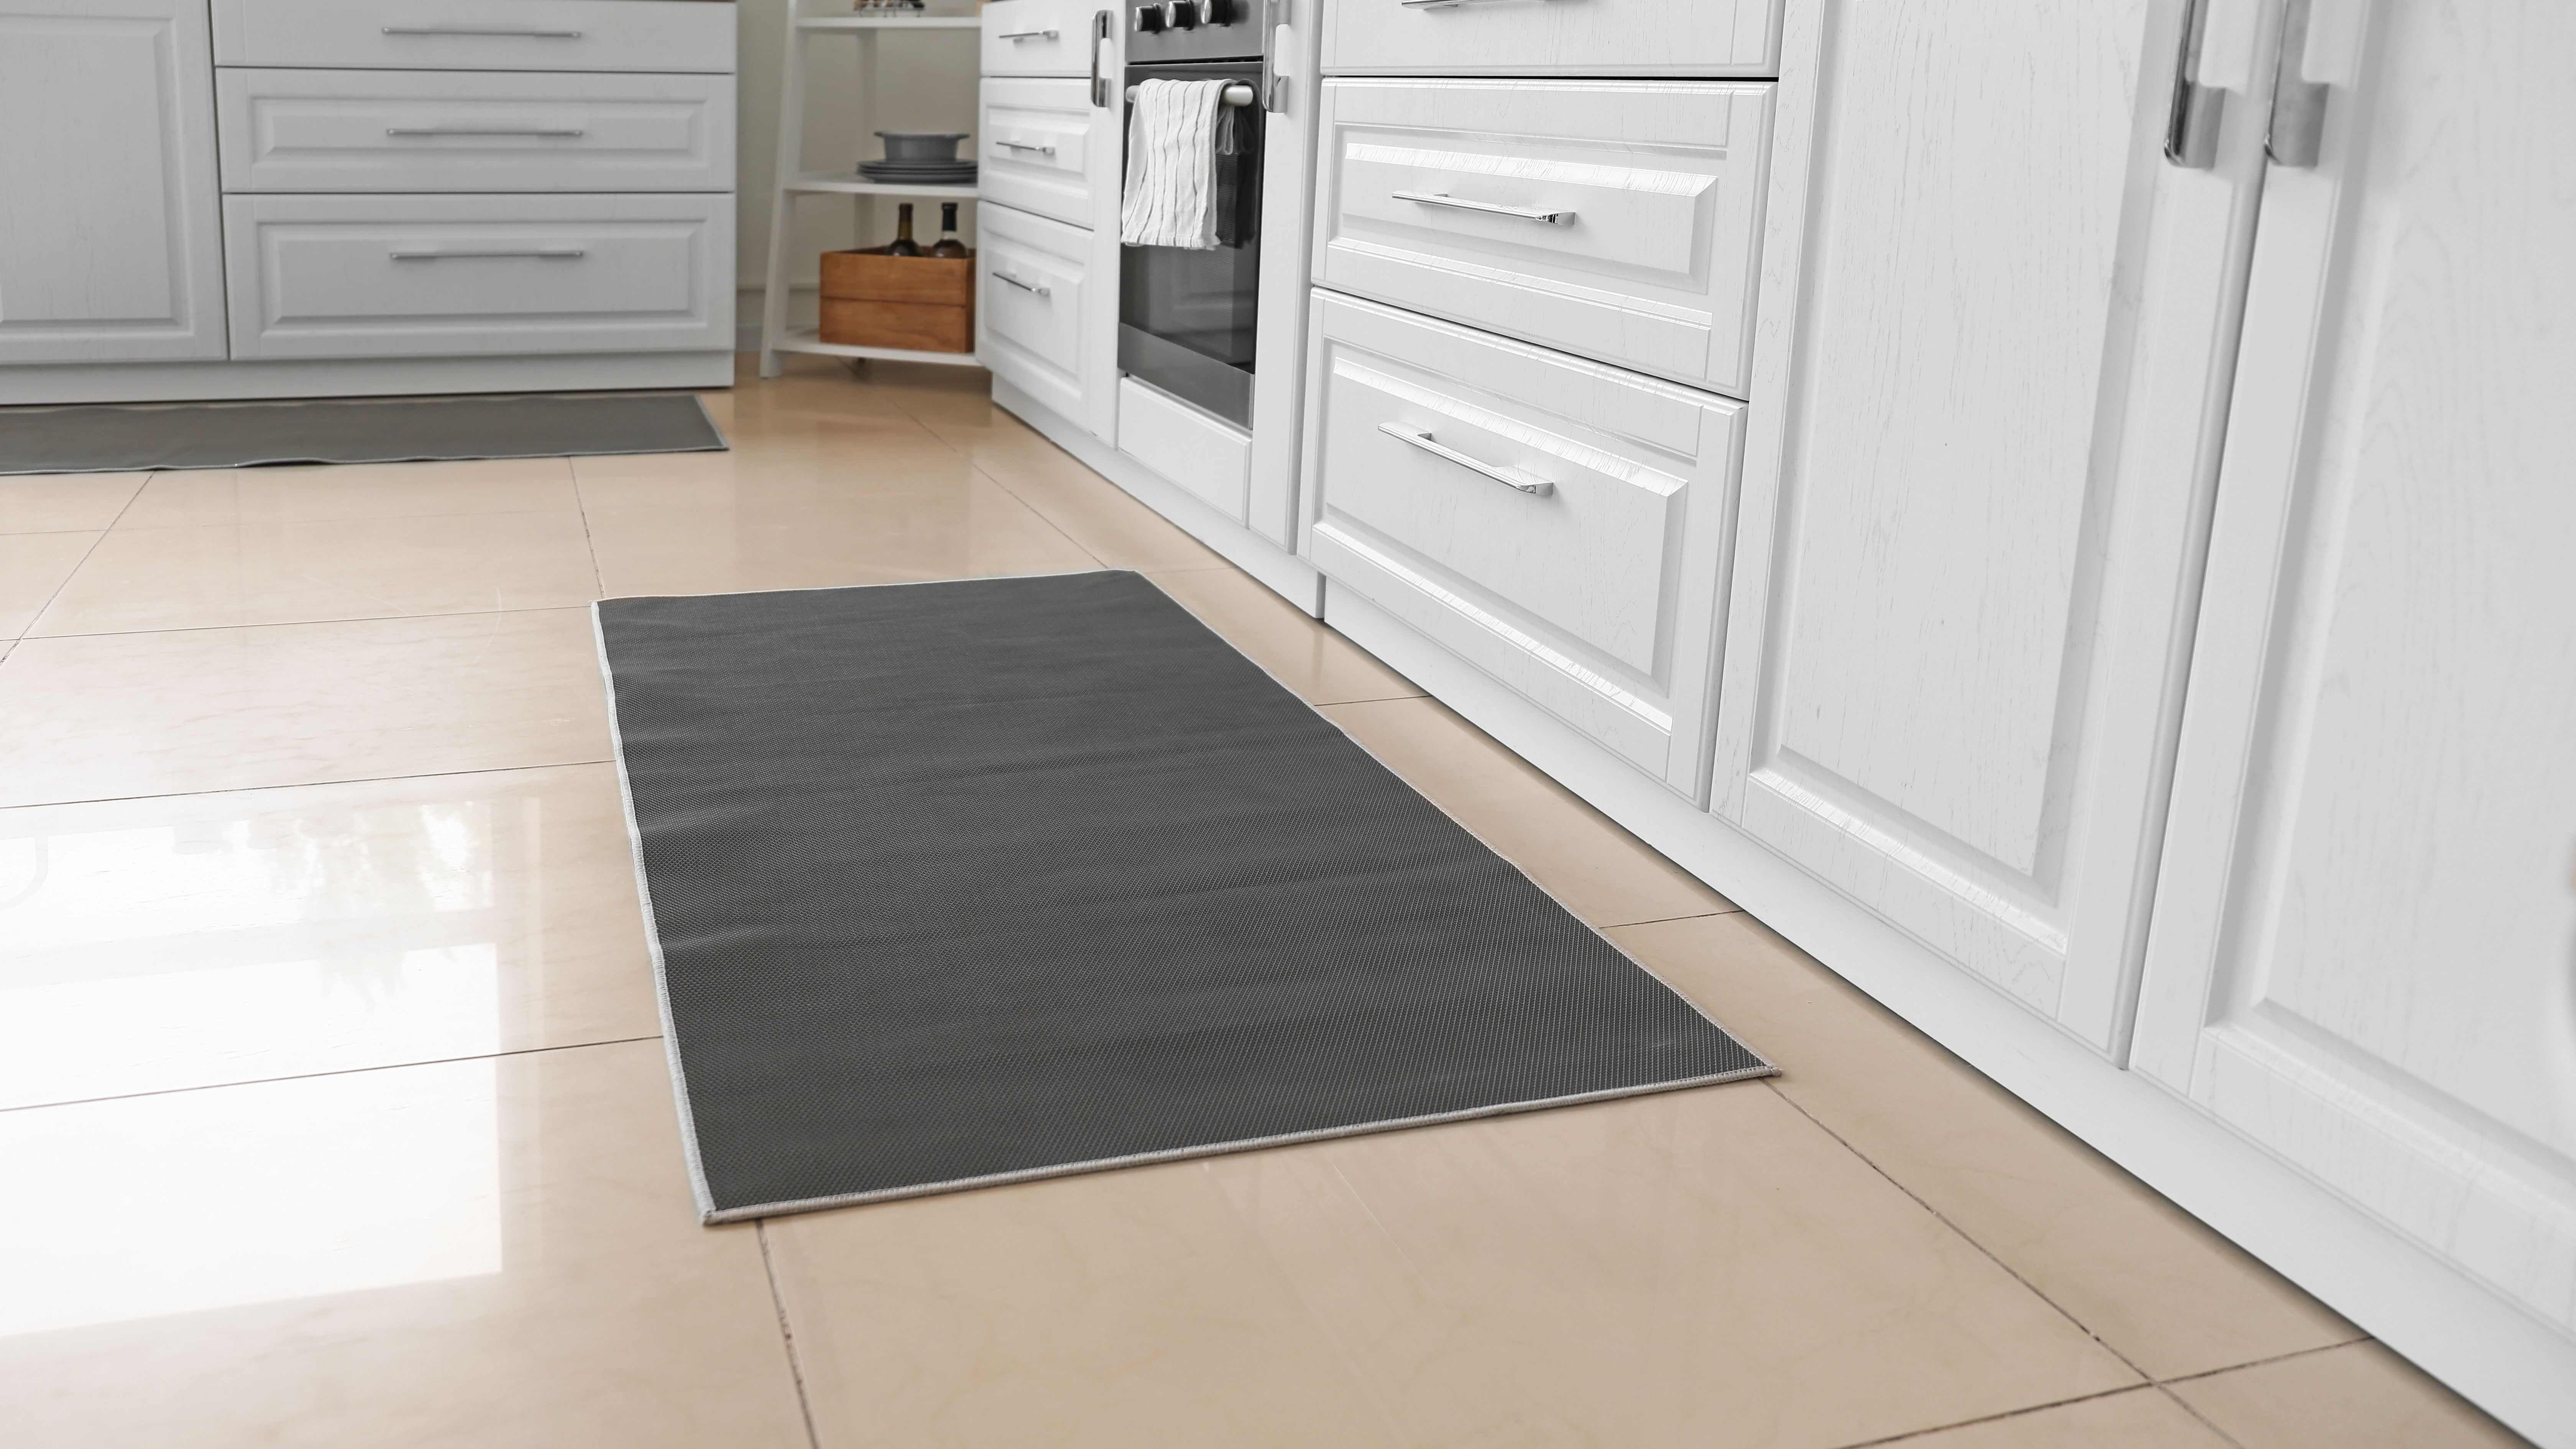 ¿Cómo elegir una alfombra para la cocina?